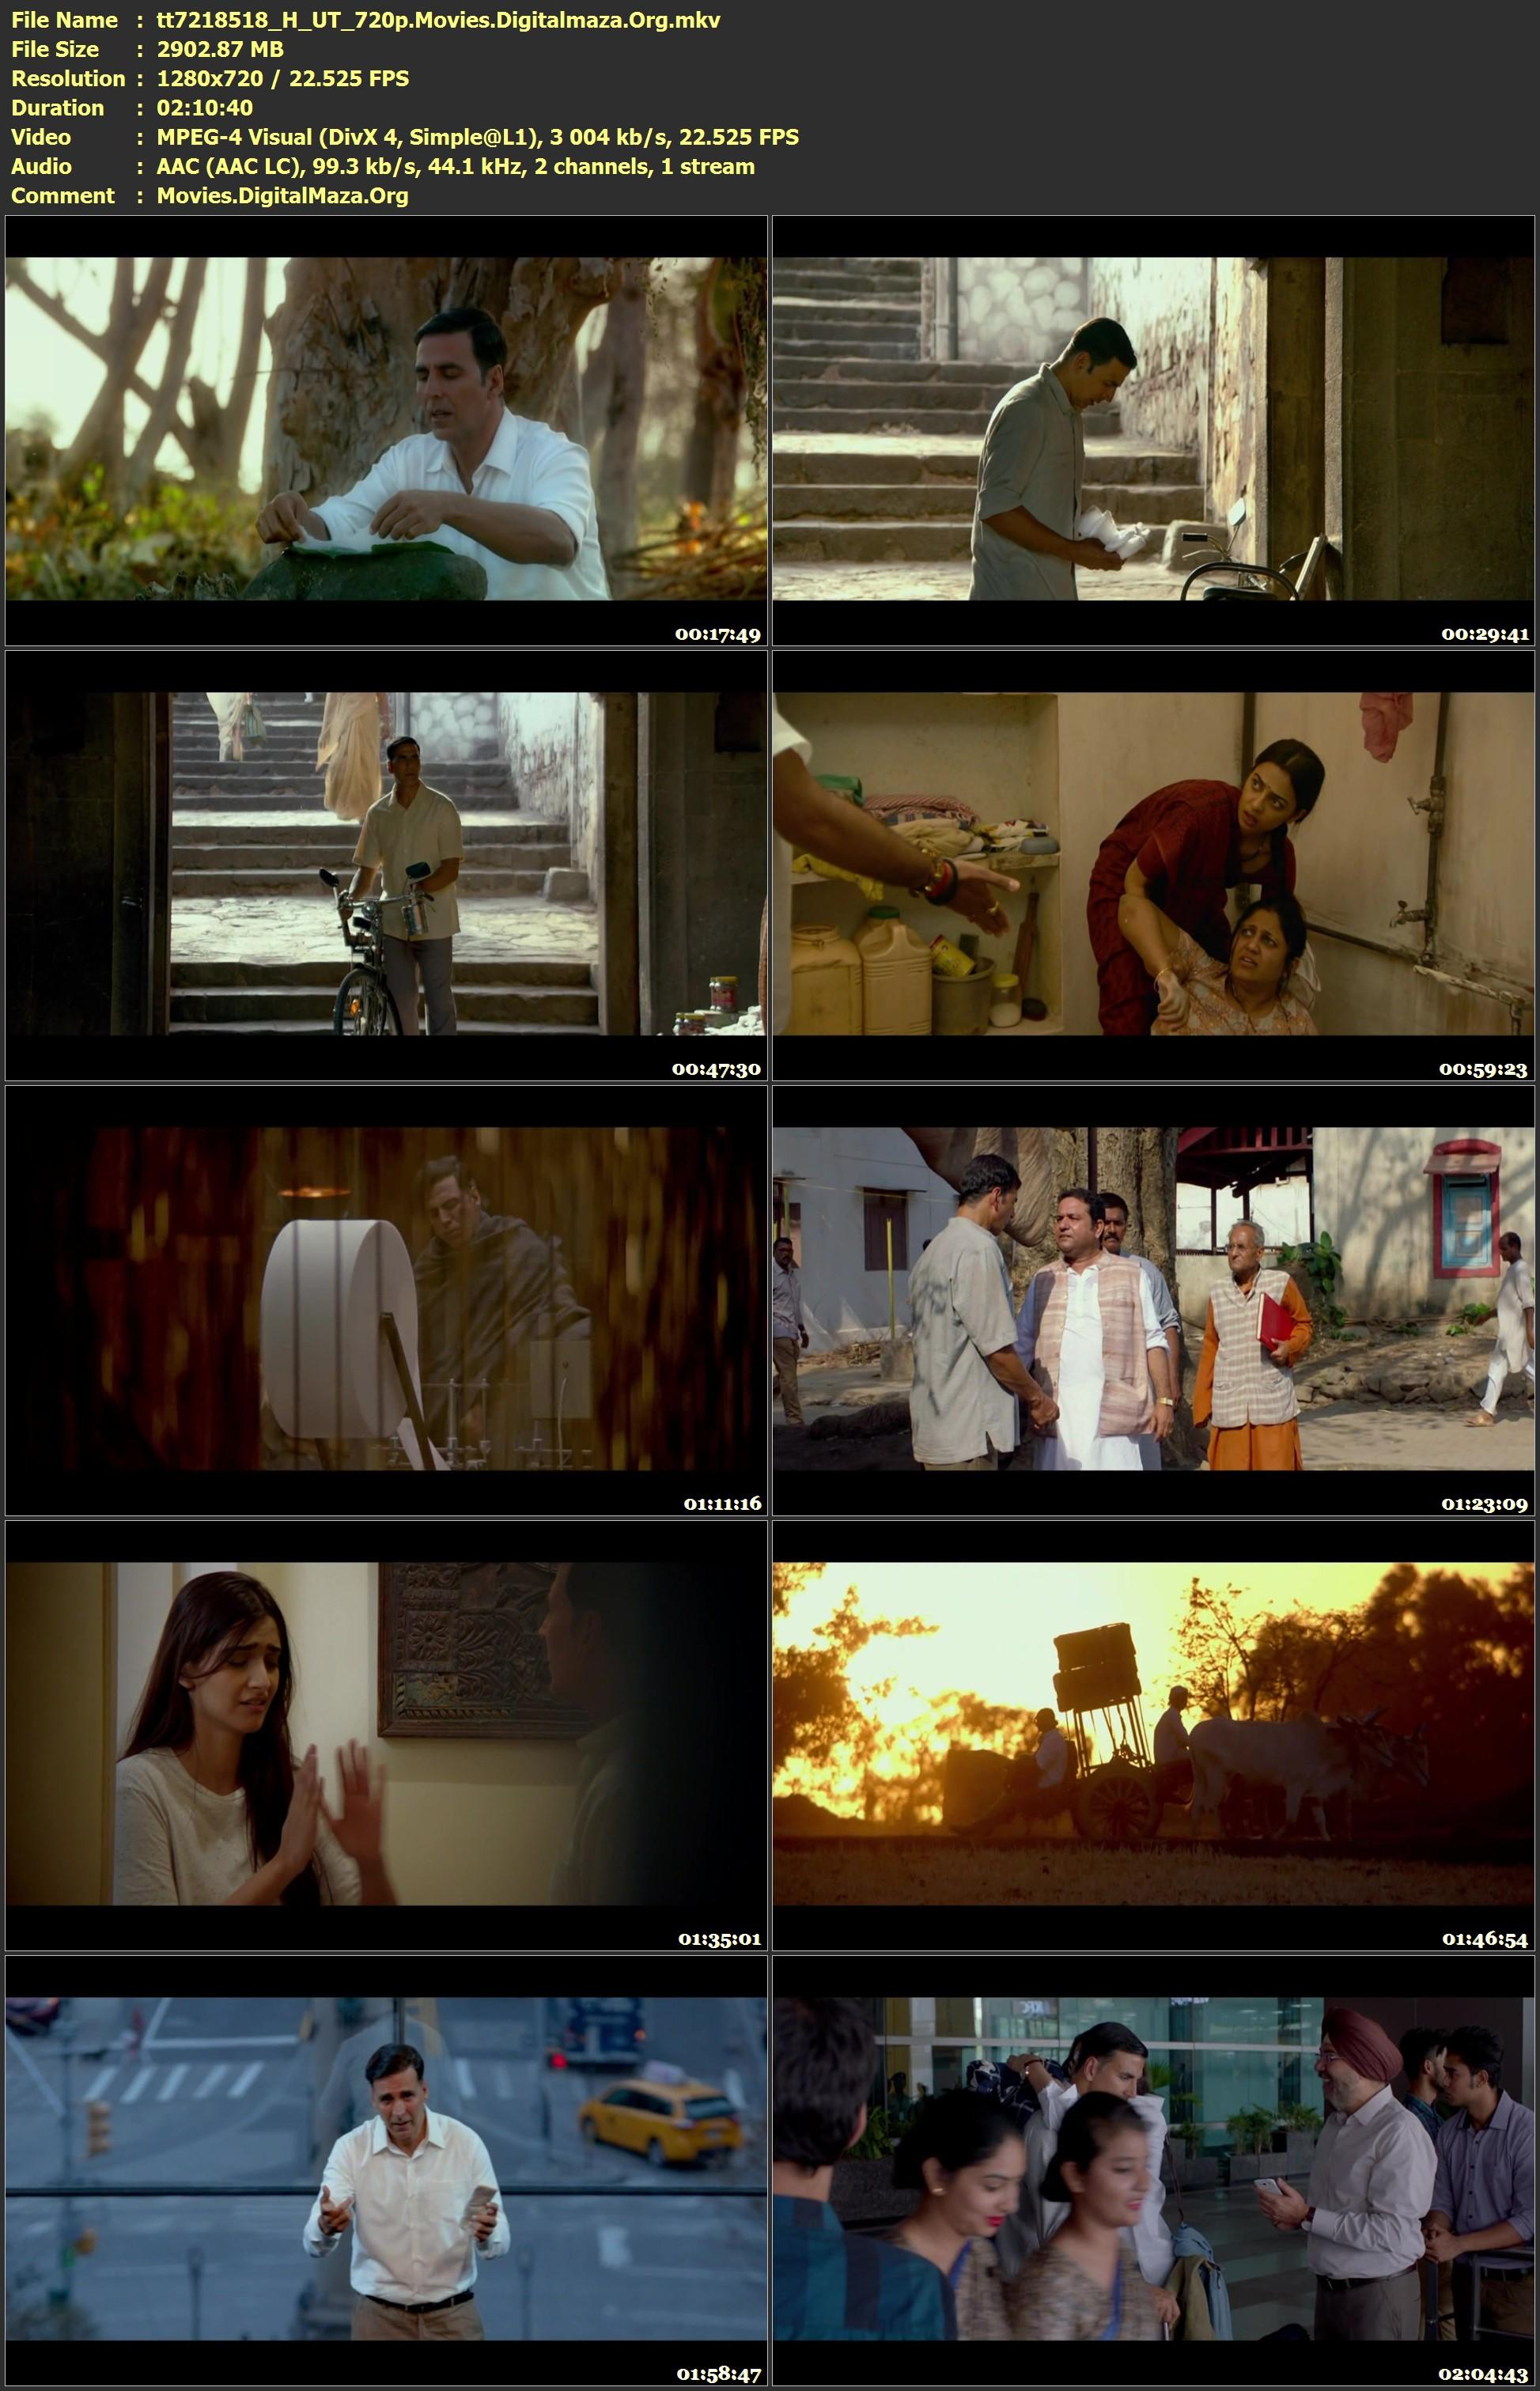 https://image.ibb.co/jNGBGJ/tt7218518_H_UT_720p_Movies_Digitalmaza_Org_mkv.jpg